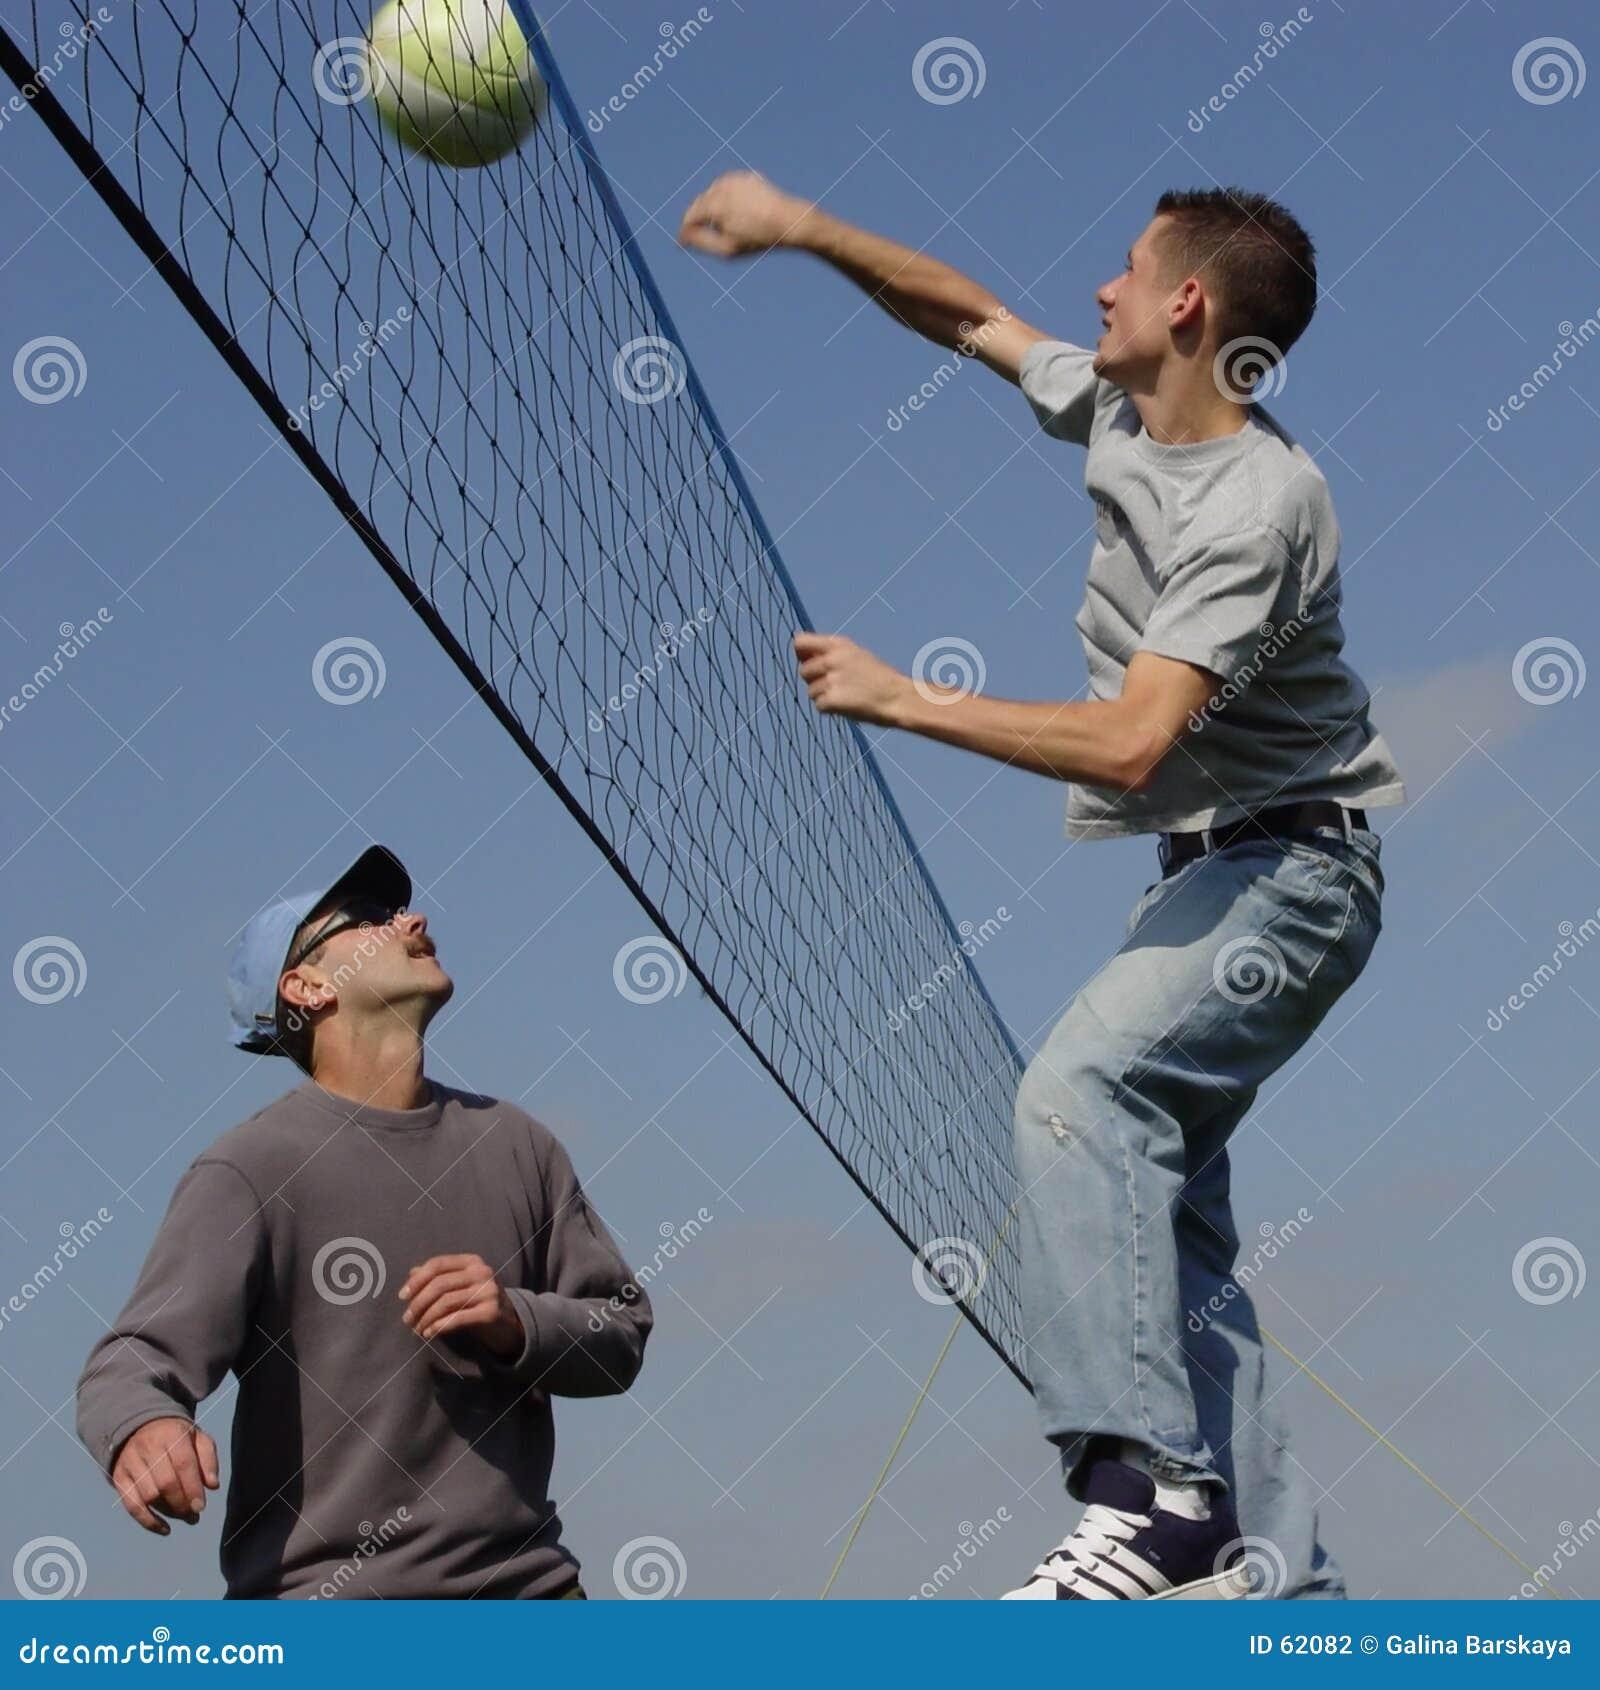 Parmän som leker volleyboll